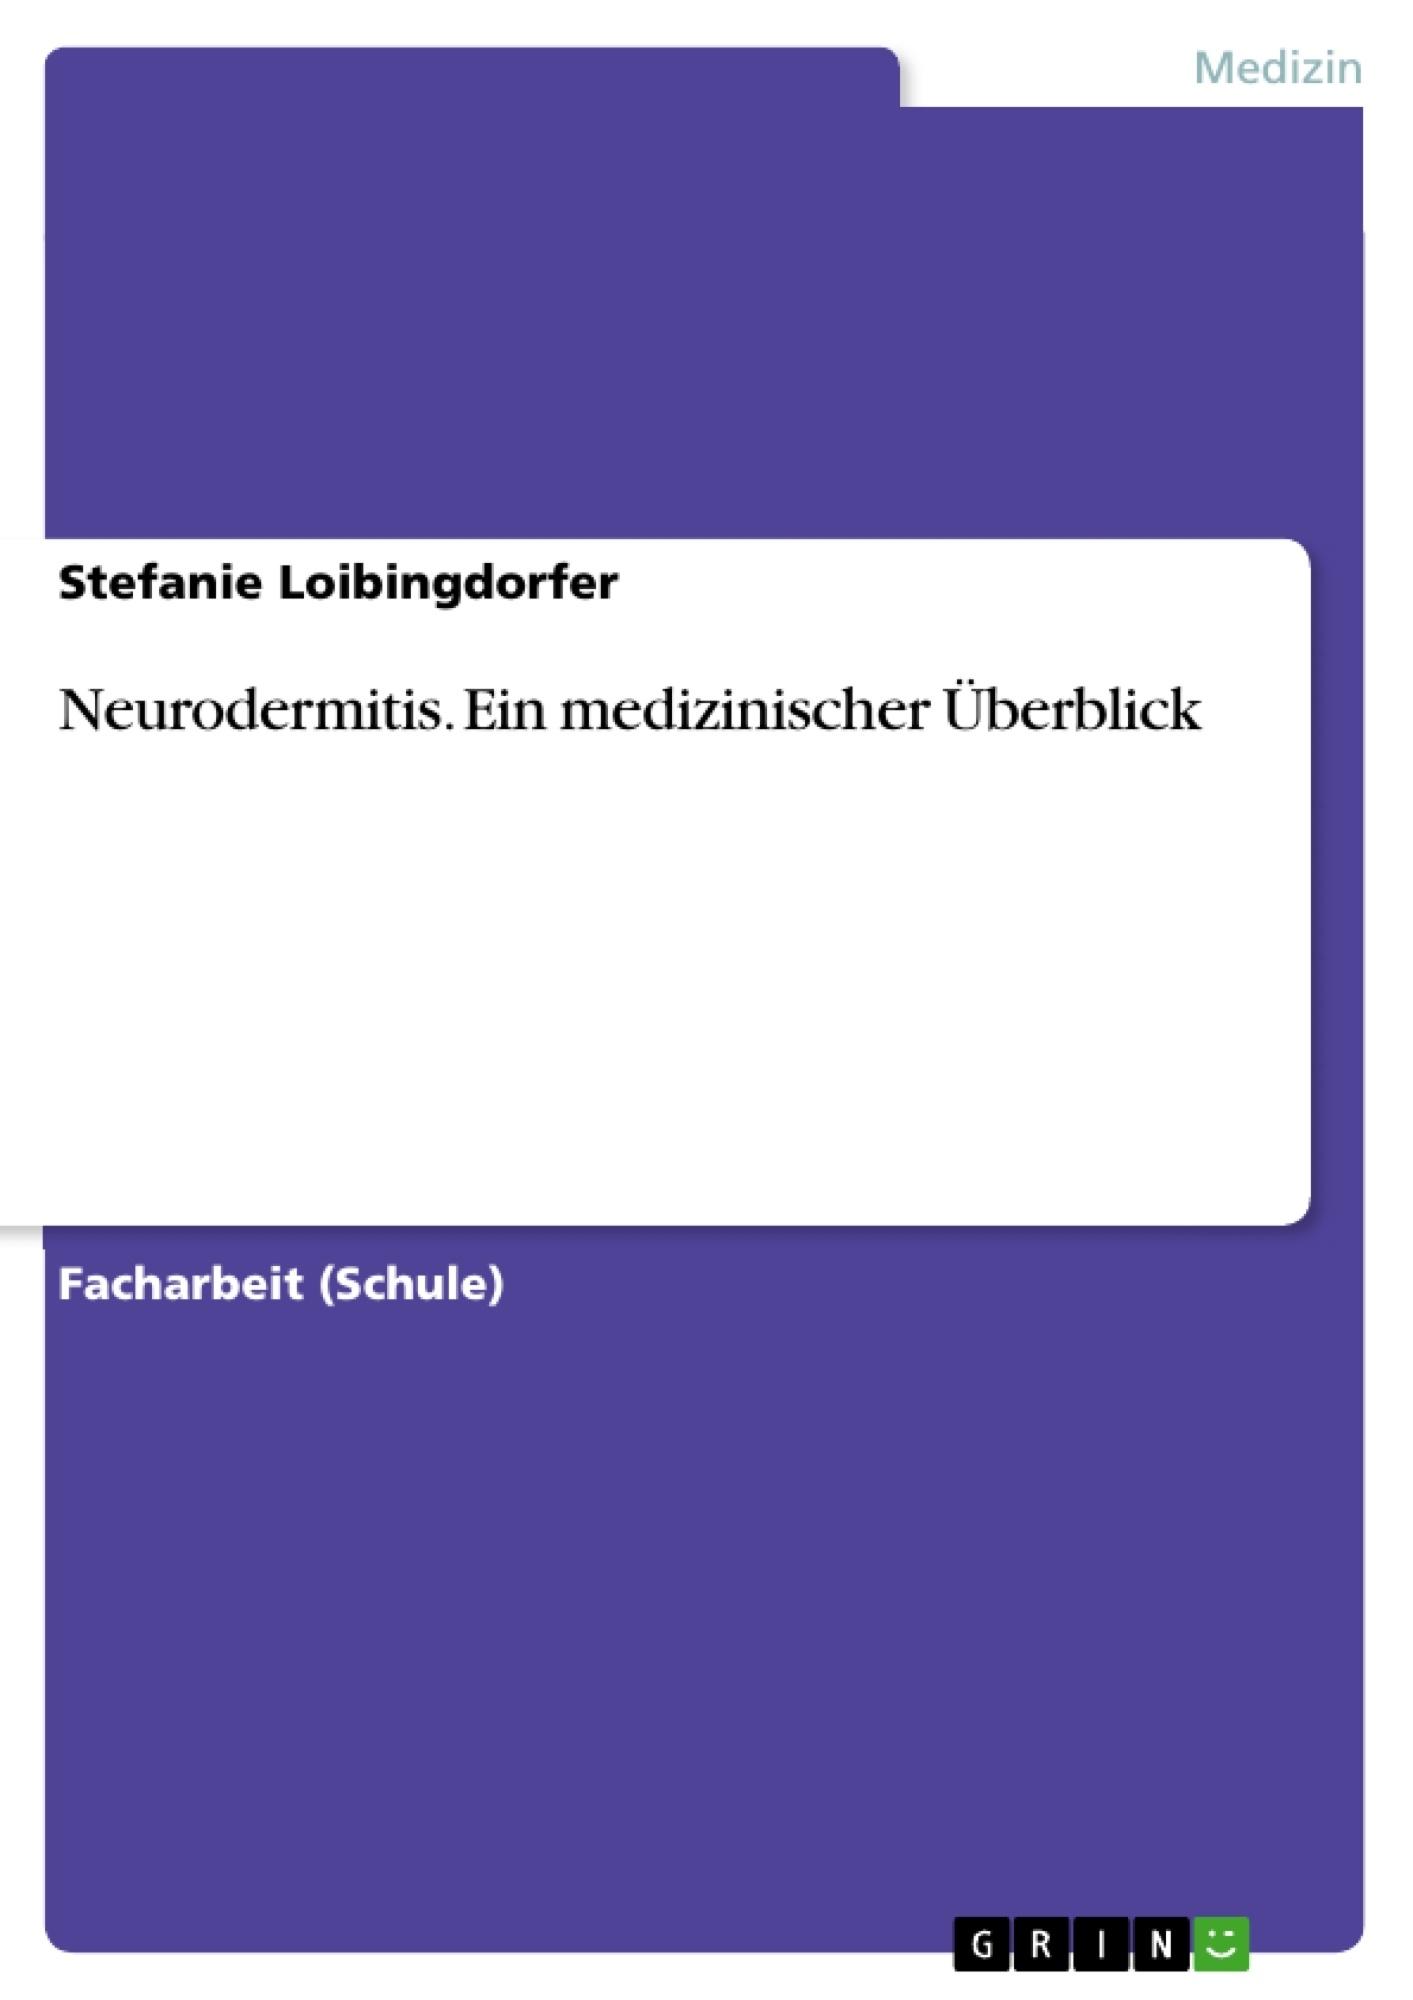 Titel: Neurodermitis. Ein medizinischer Überblick